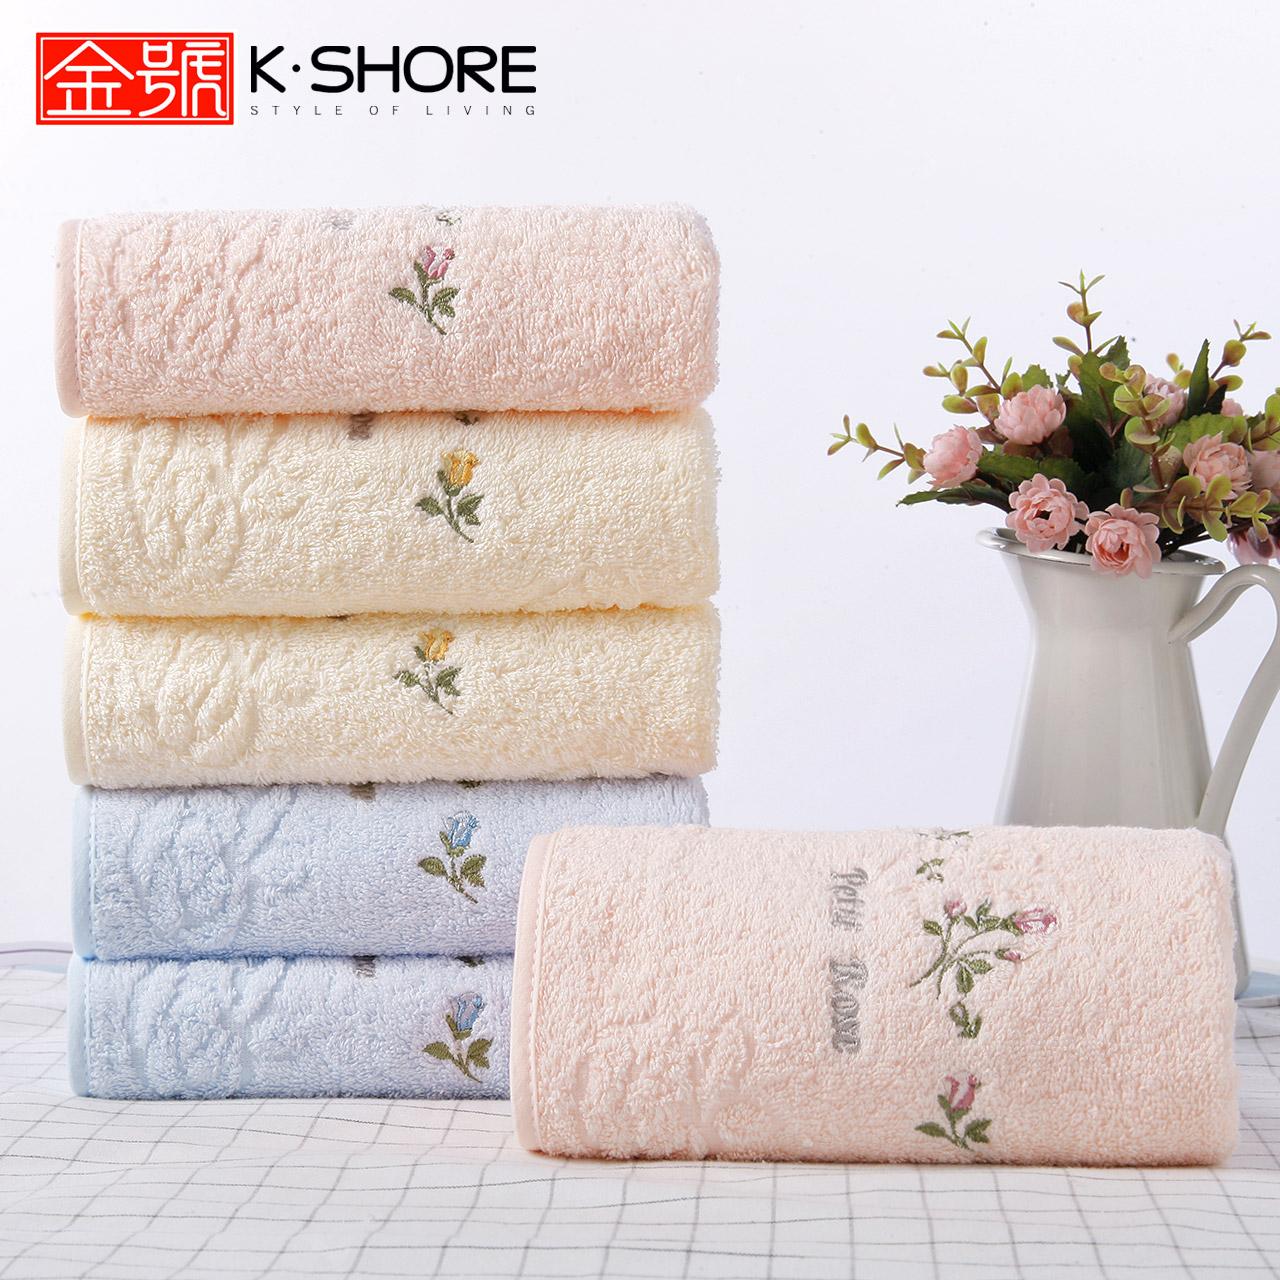 金号 纯棉毛巾六条装 精美厚实 清新淡雅 玫瑰巾面 螺旋吸水工艺